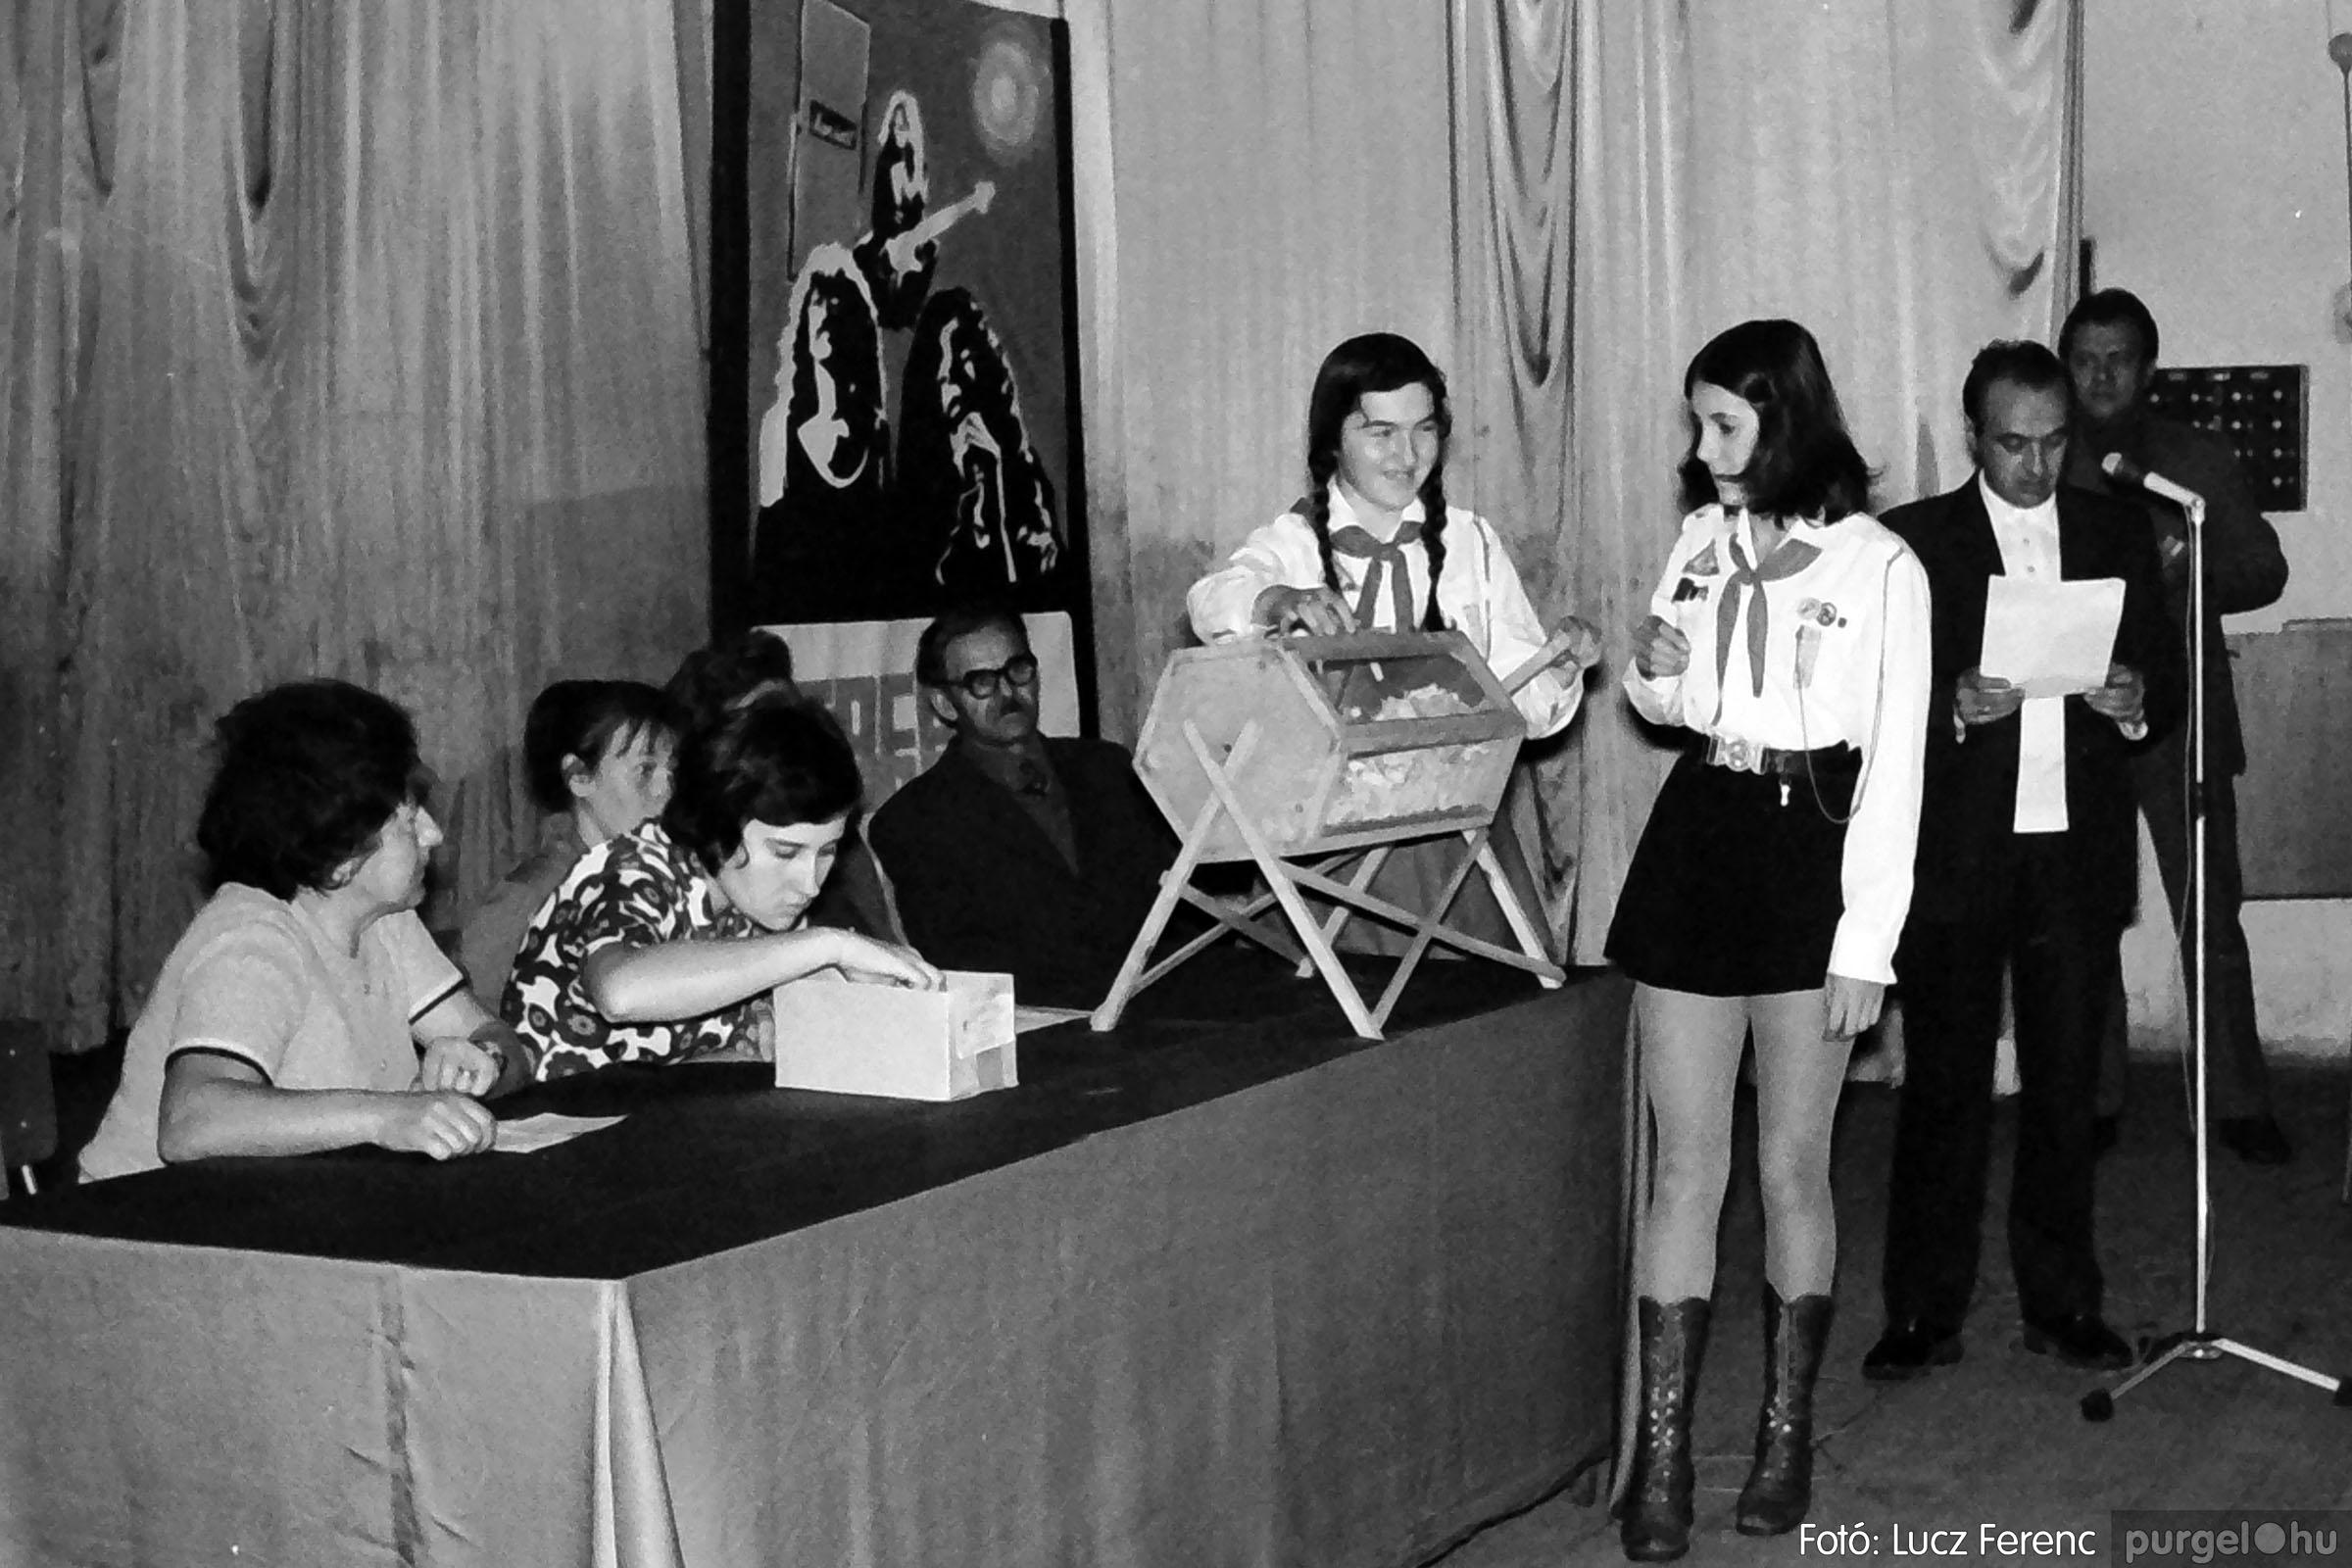 004B 1970-es évek - Sorsolás 003 - Fotó: Lucz Ferenc IMG00067q.jpg